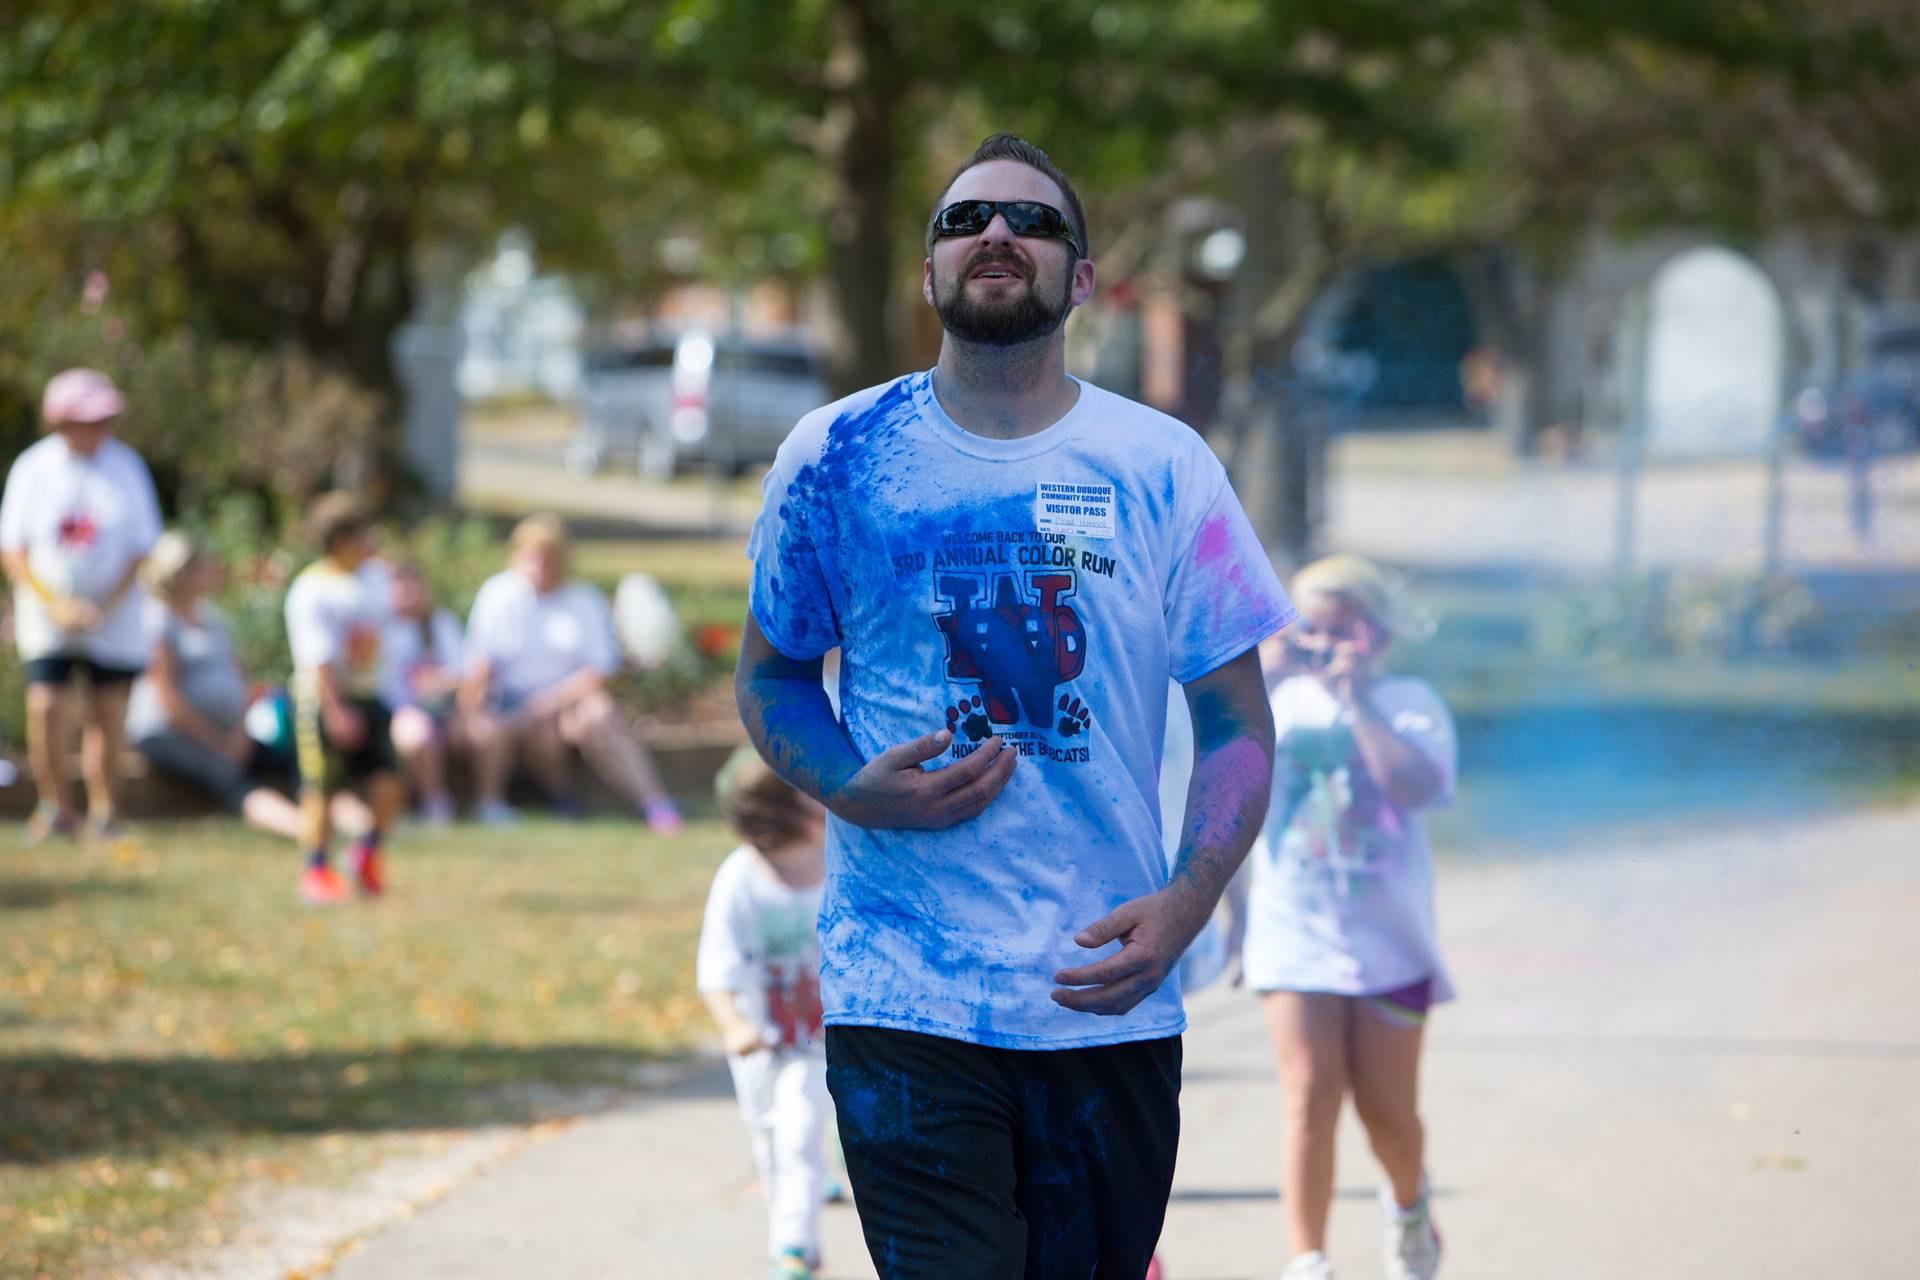 Dad at color run